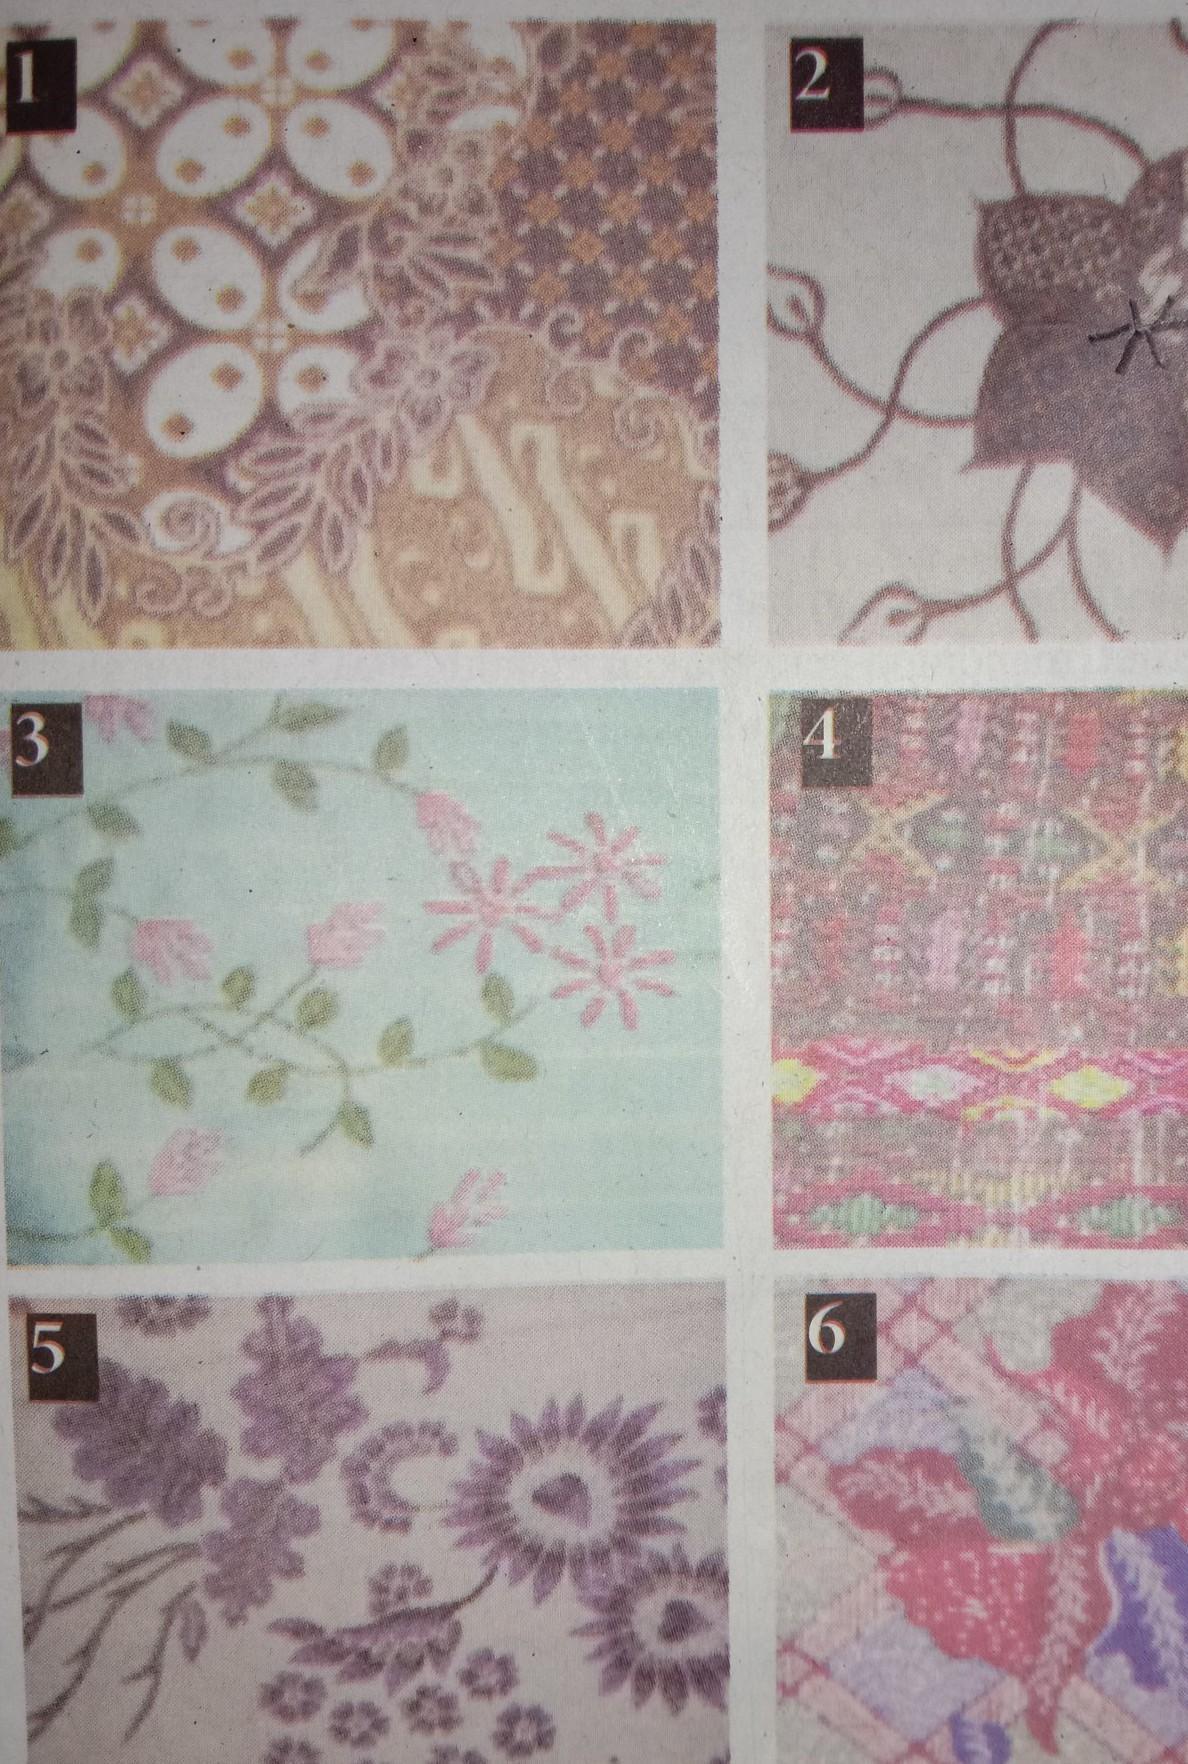 Menerapkan Ragam Hias Pada Bahan Tekstil : menerapkan, ragam, bahan, tekstil, Ragam, Bahan, Tekstil